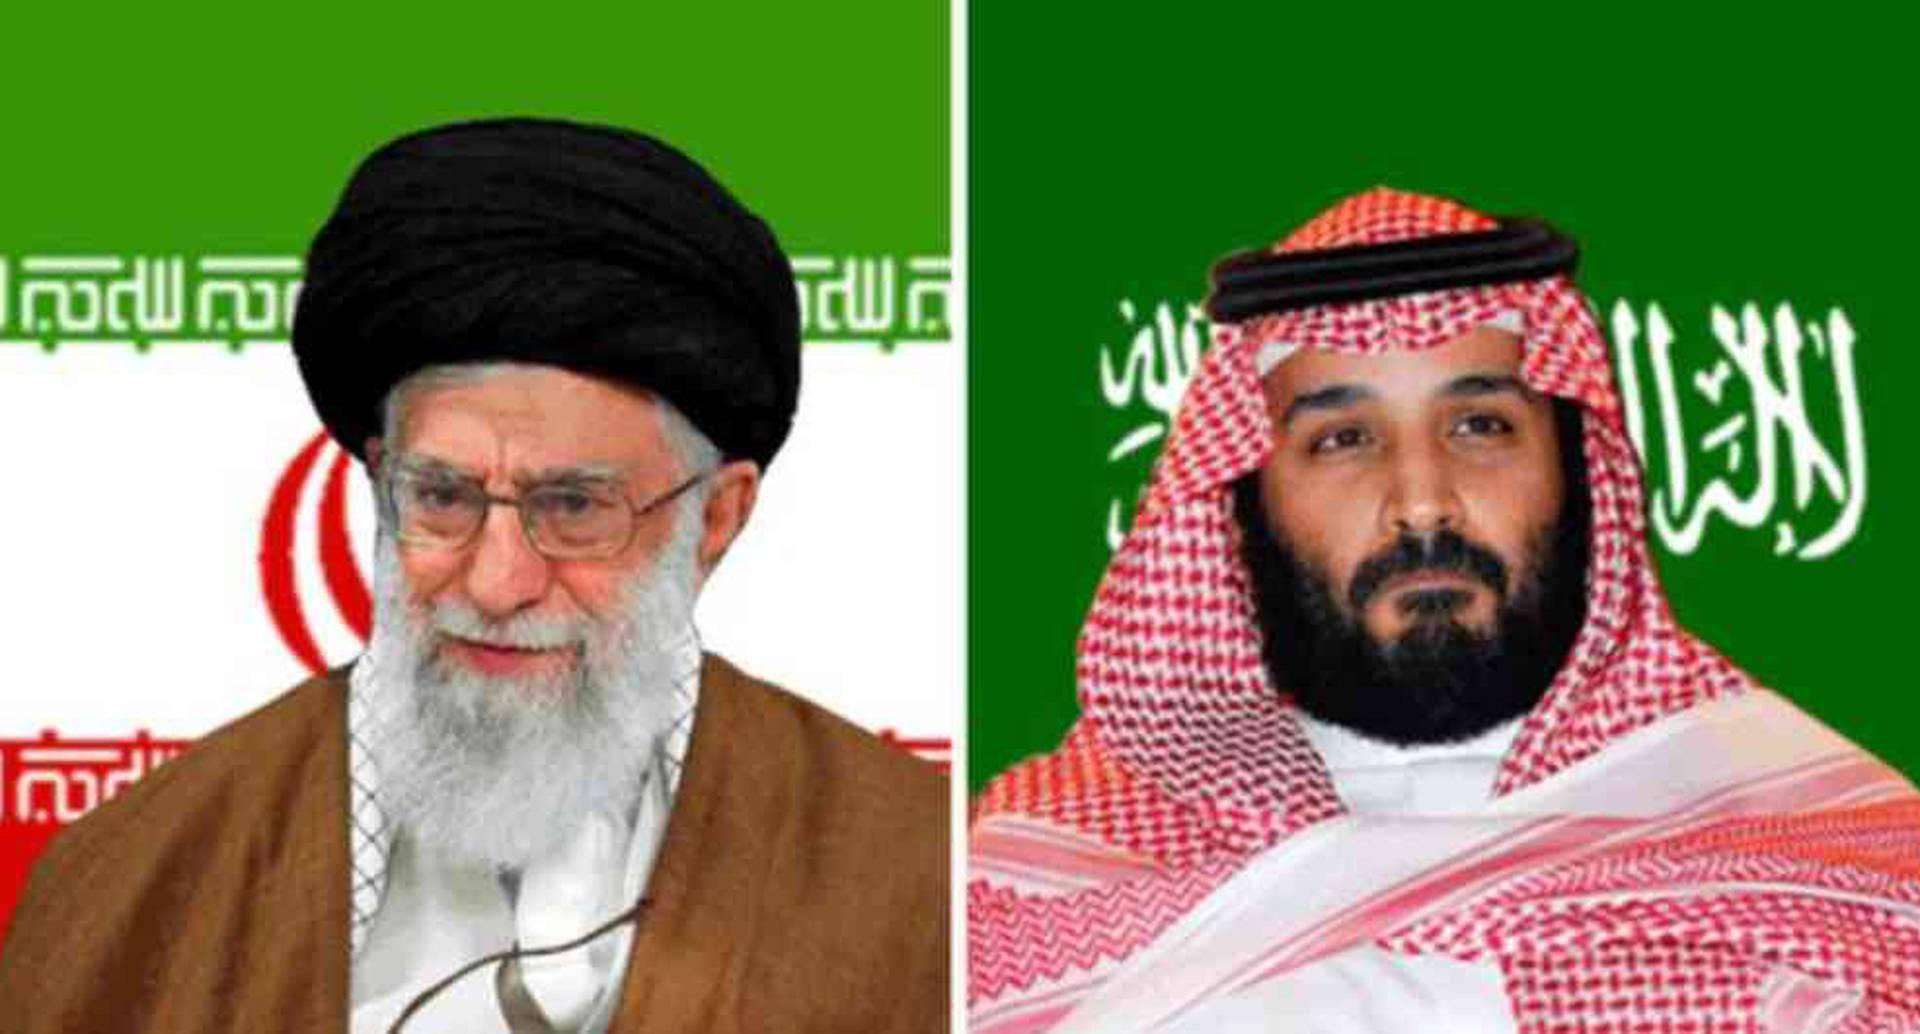 Los dos países —ambos poderosos vecinos— se encuentran en una lucha feroz por el dominio regional. Foto: REUTERS/EPA/BBC